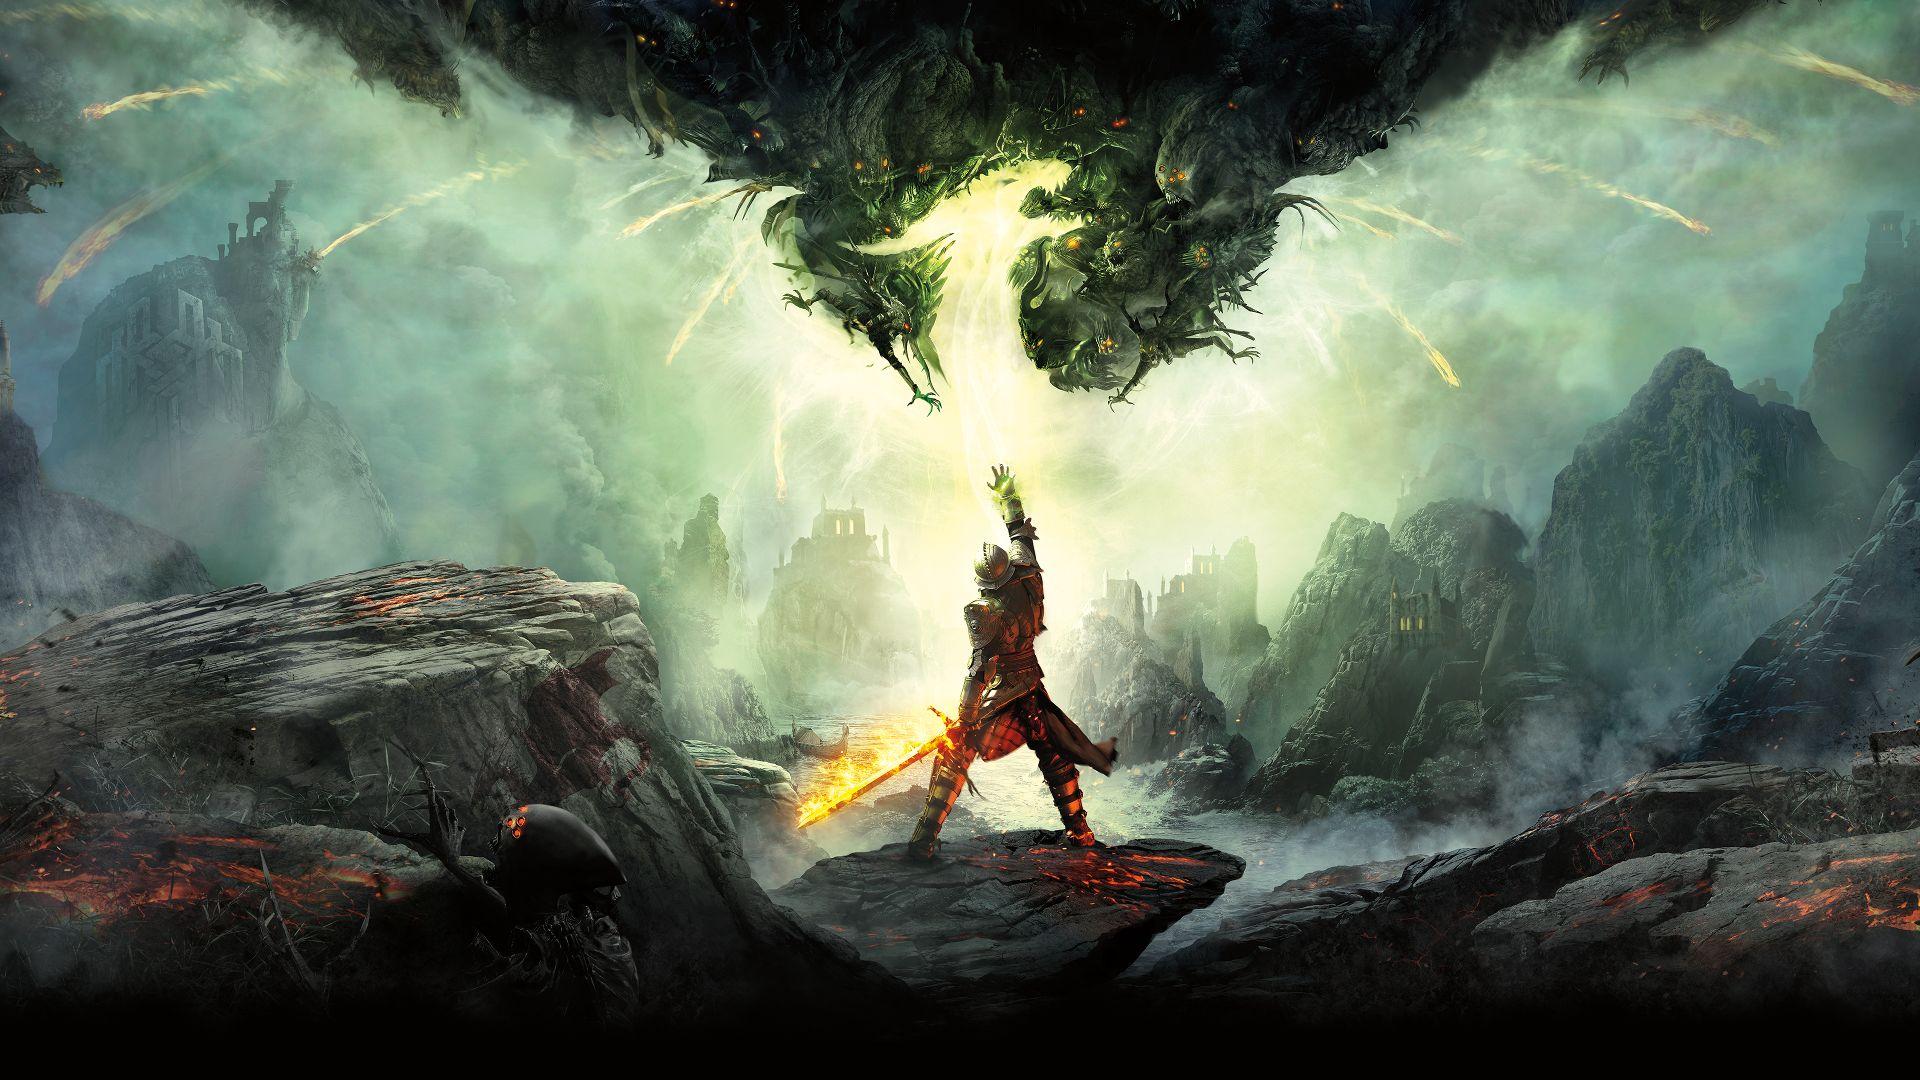 EA confirma que Dragon Age 4 se mostrará en los Game Awards de la próxima semana